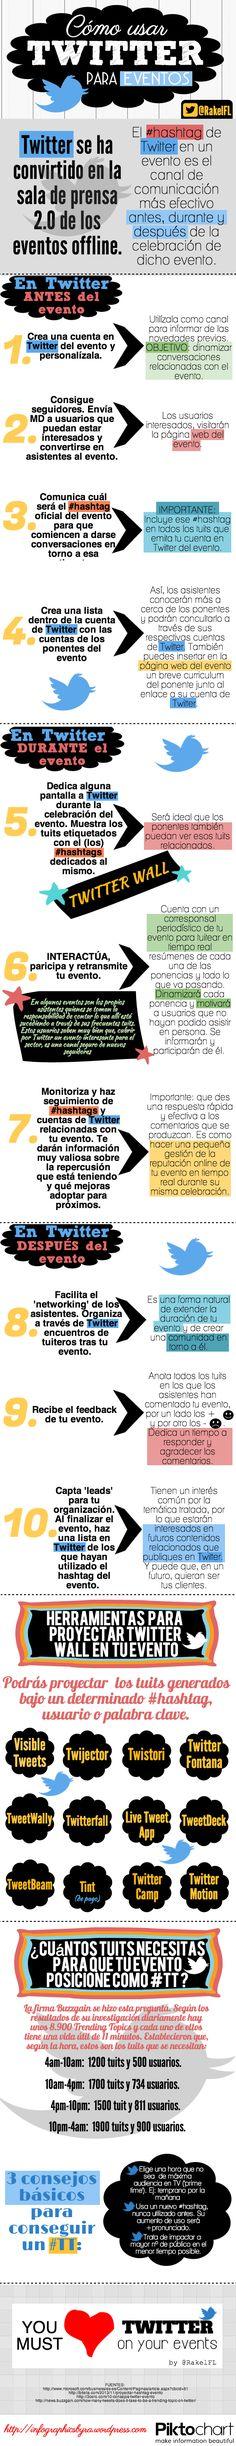 Cómo usar Twitter para eventos #infografia #infographic #marketing #socialmedia